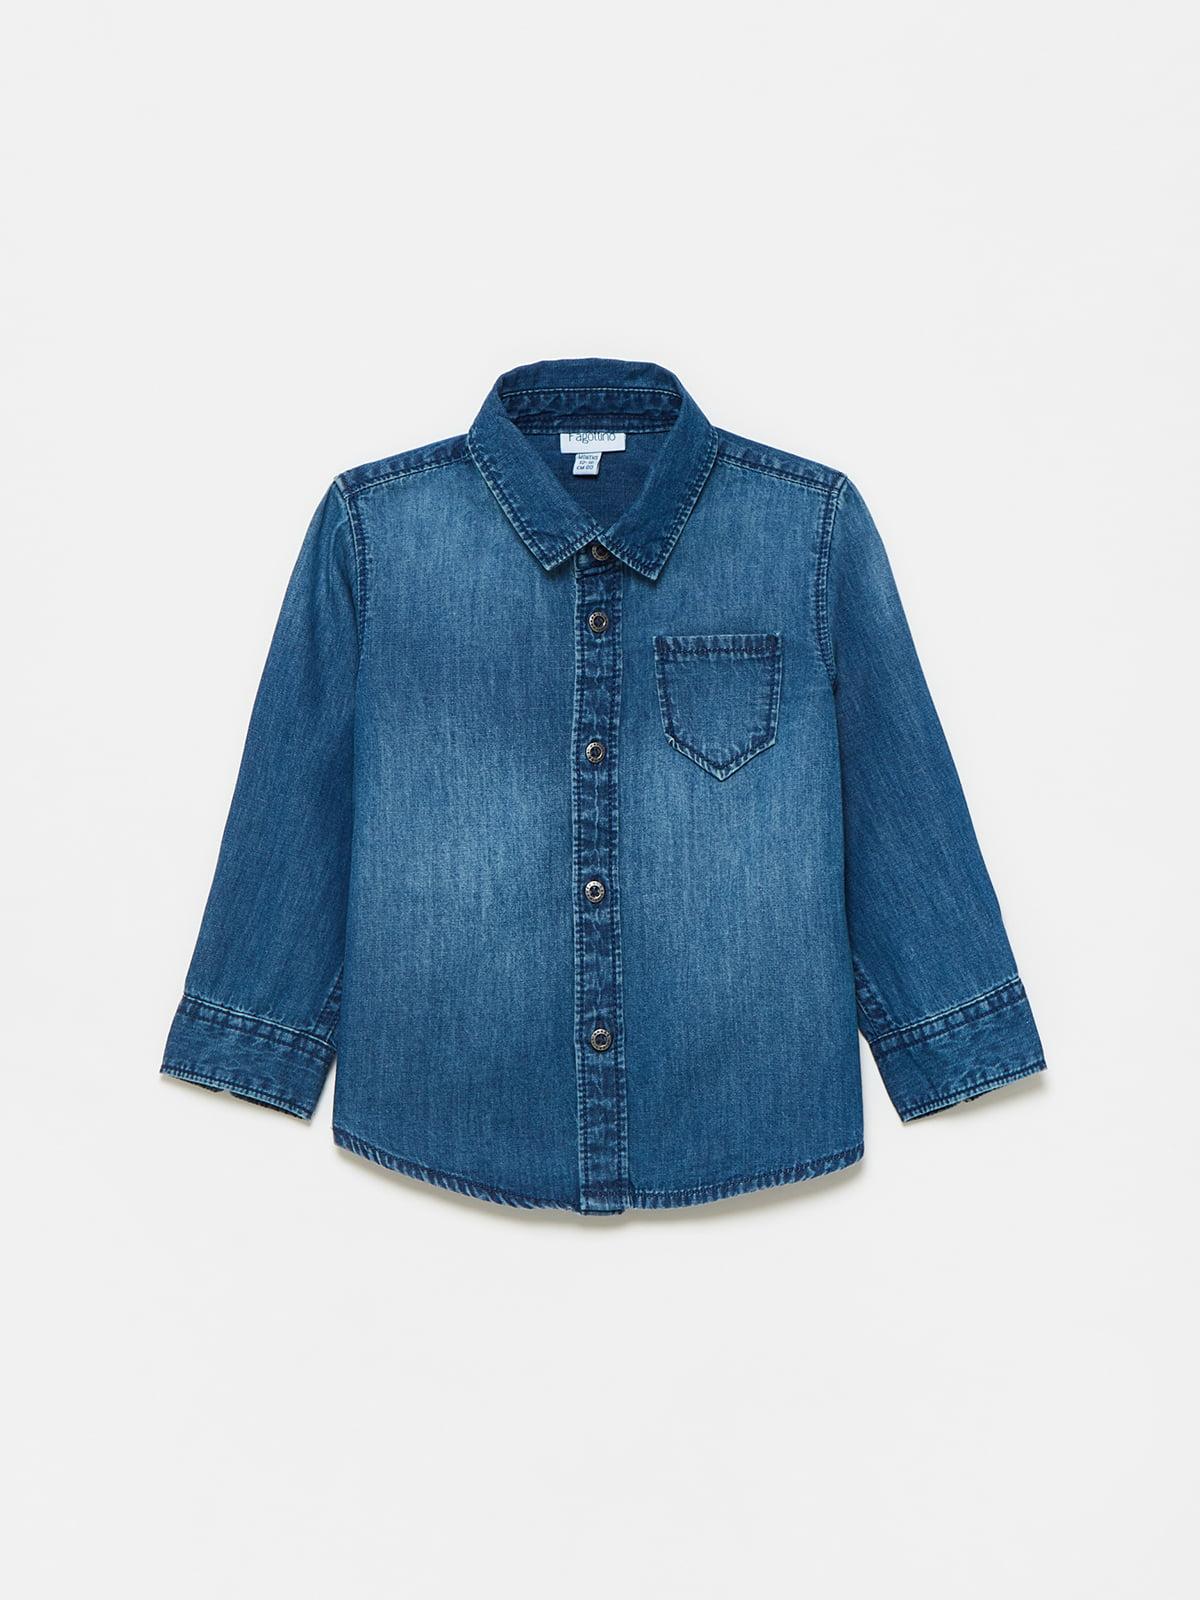 Рубашка джинсовая синяя   5651206